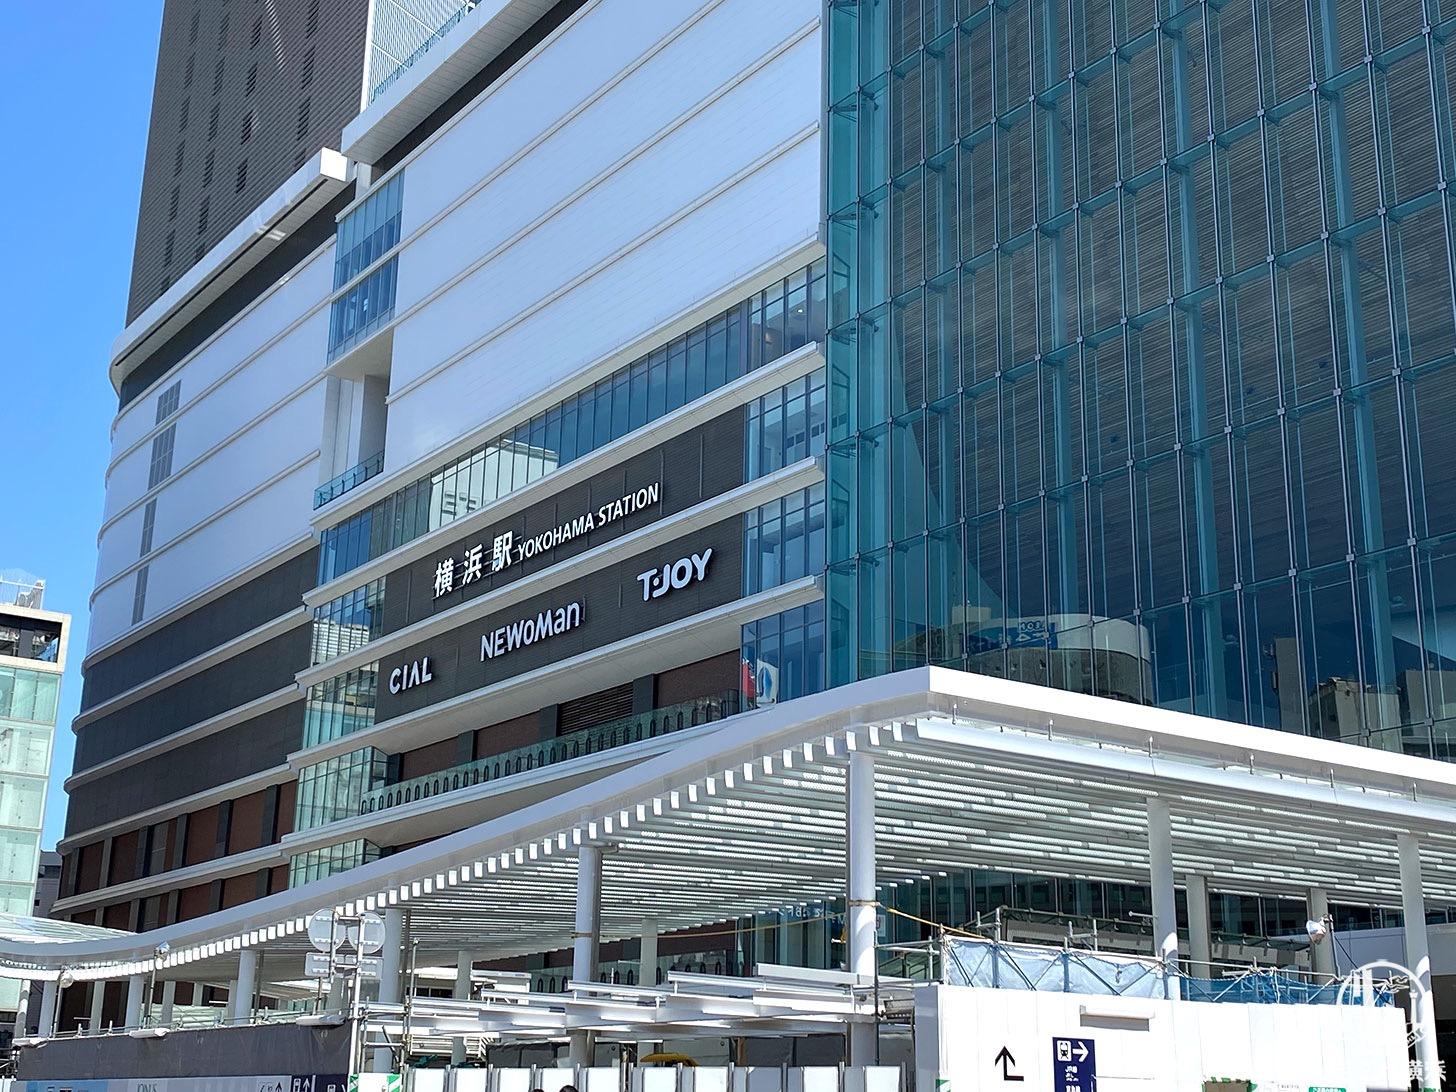 西口駅前広場 整備中の屋根